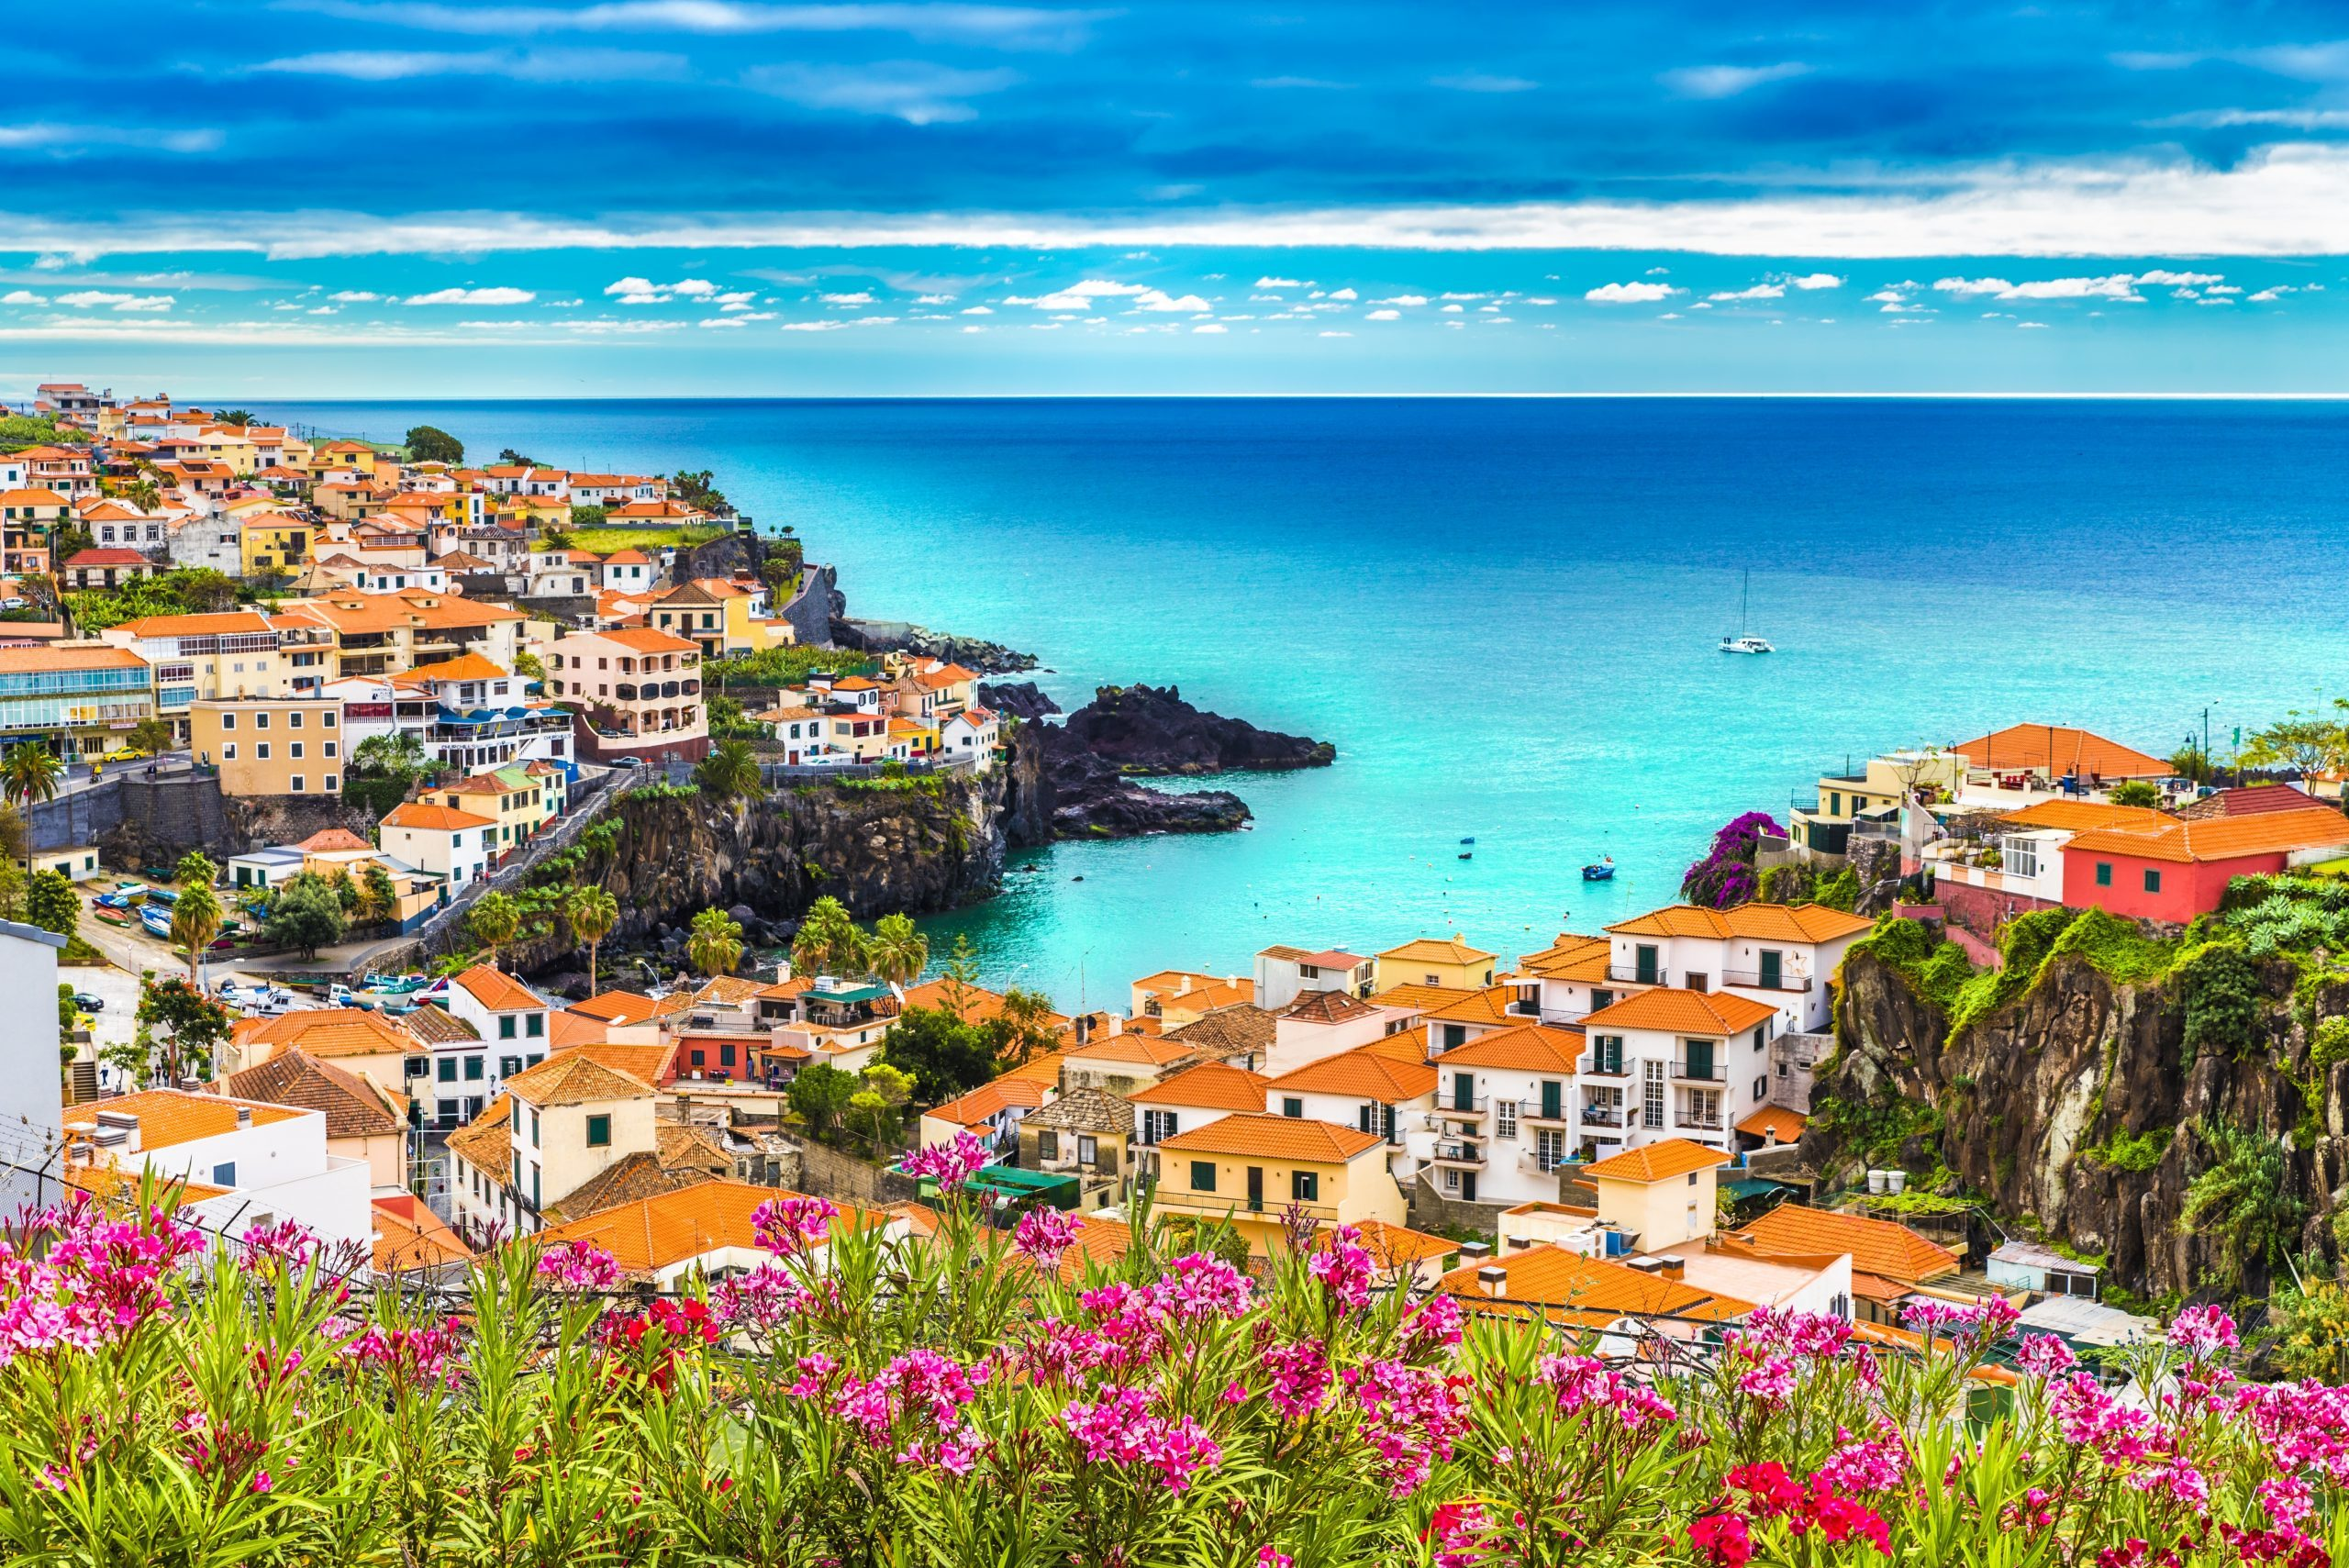 PanoraCamara de Lobos, Madeira island, Portugal